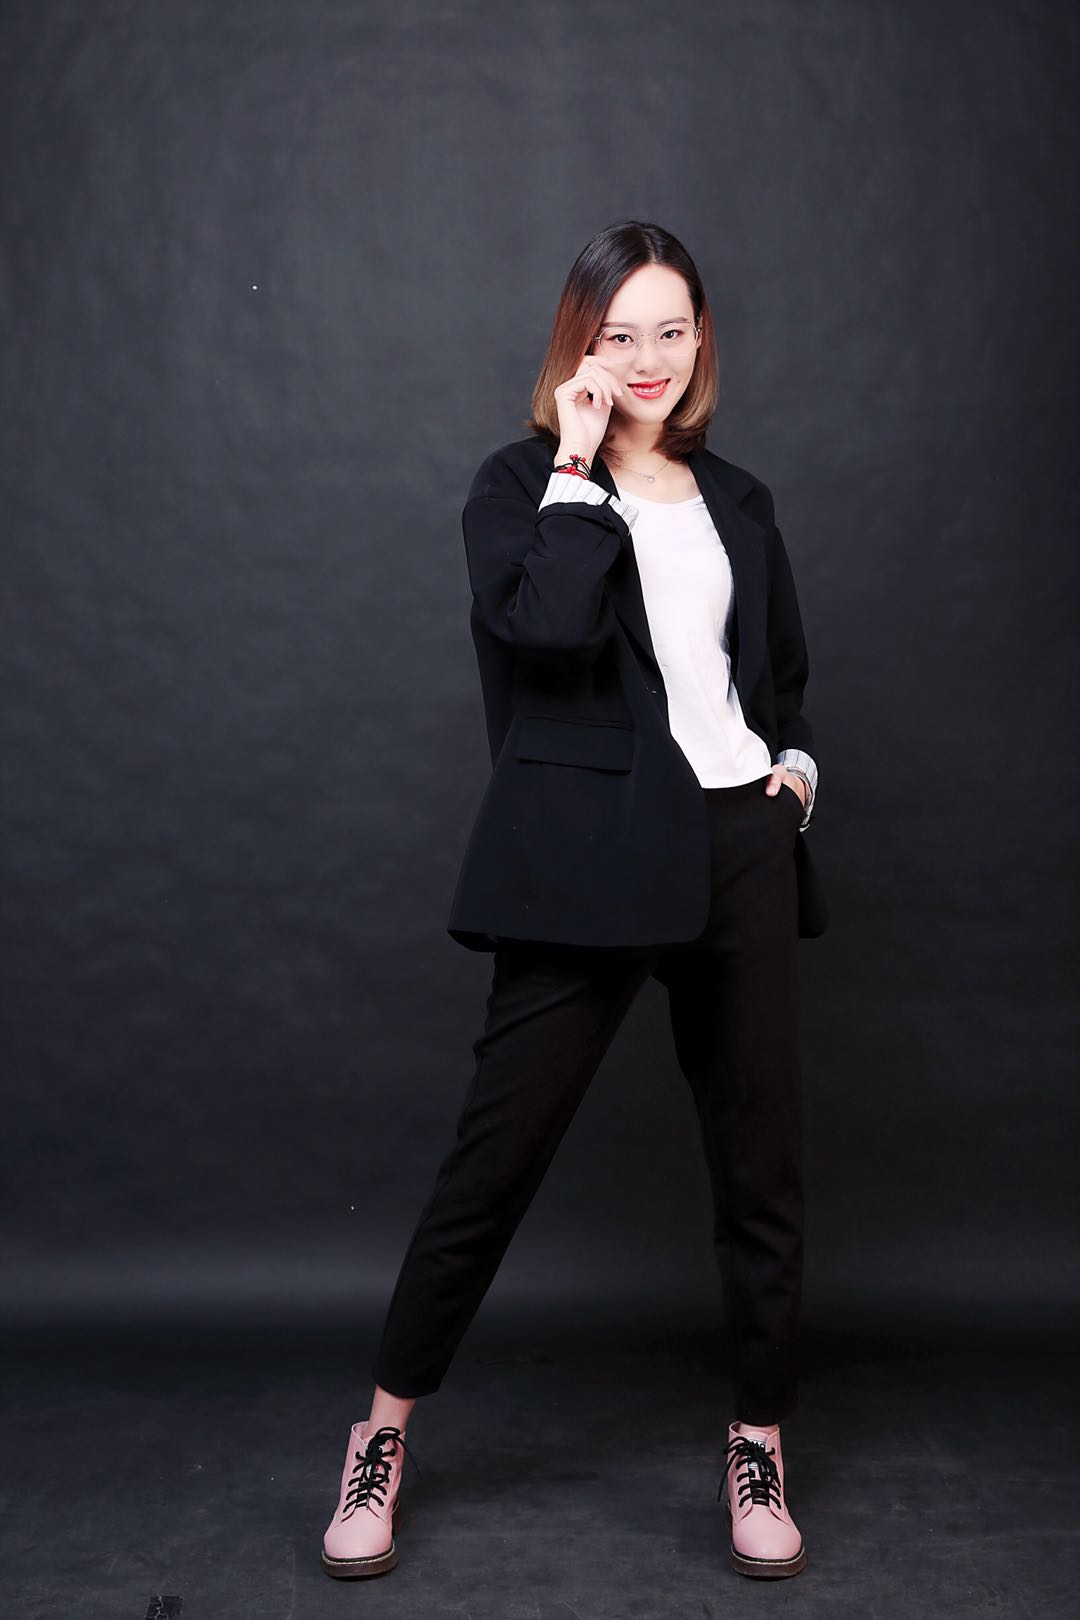 唐山裝修設計師戴子薇